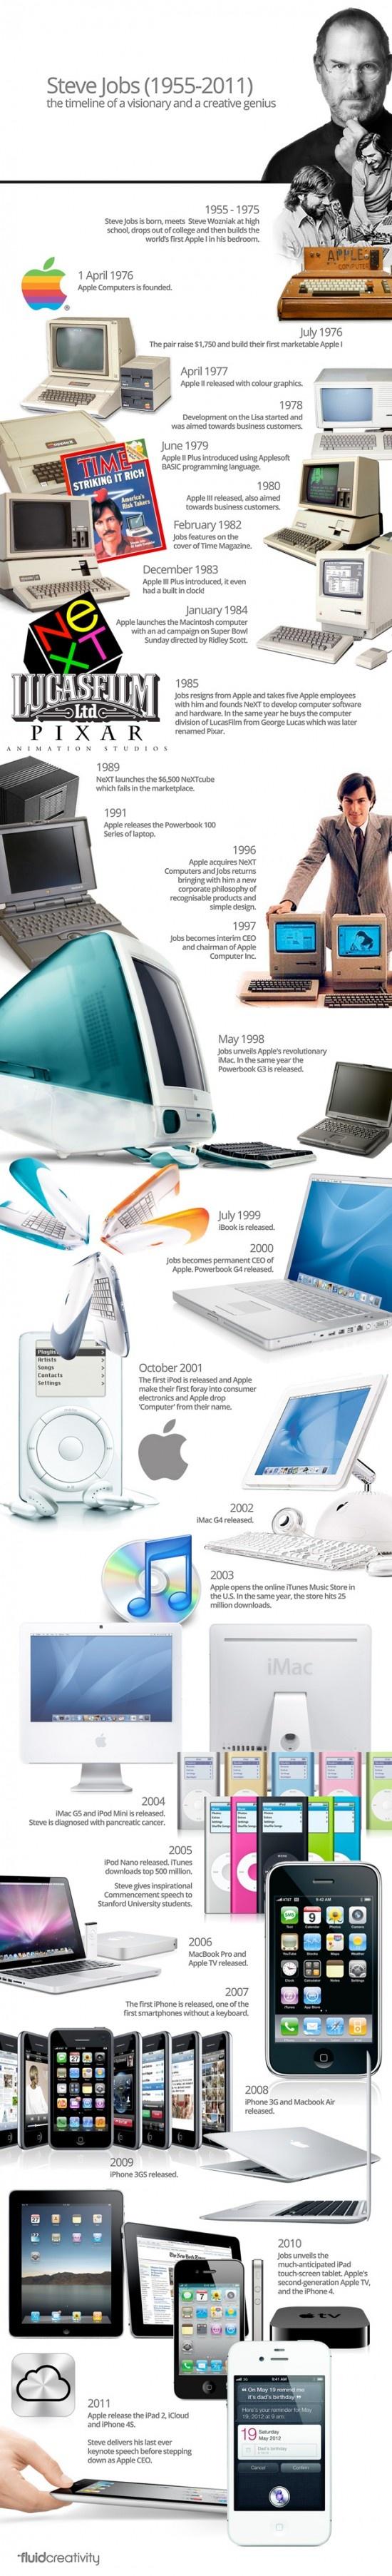 Me ha gustado esta infografía sobre el TL de Steve Jobs:  Internet Site, Job Timeline,  Website, Job 19552011, Apple, Web Site, Stevejob, Steve Jobs, Creative Genius